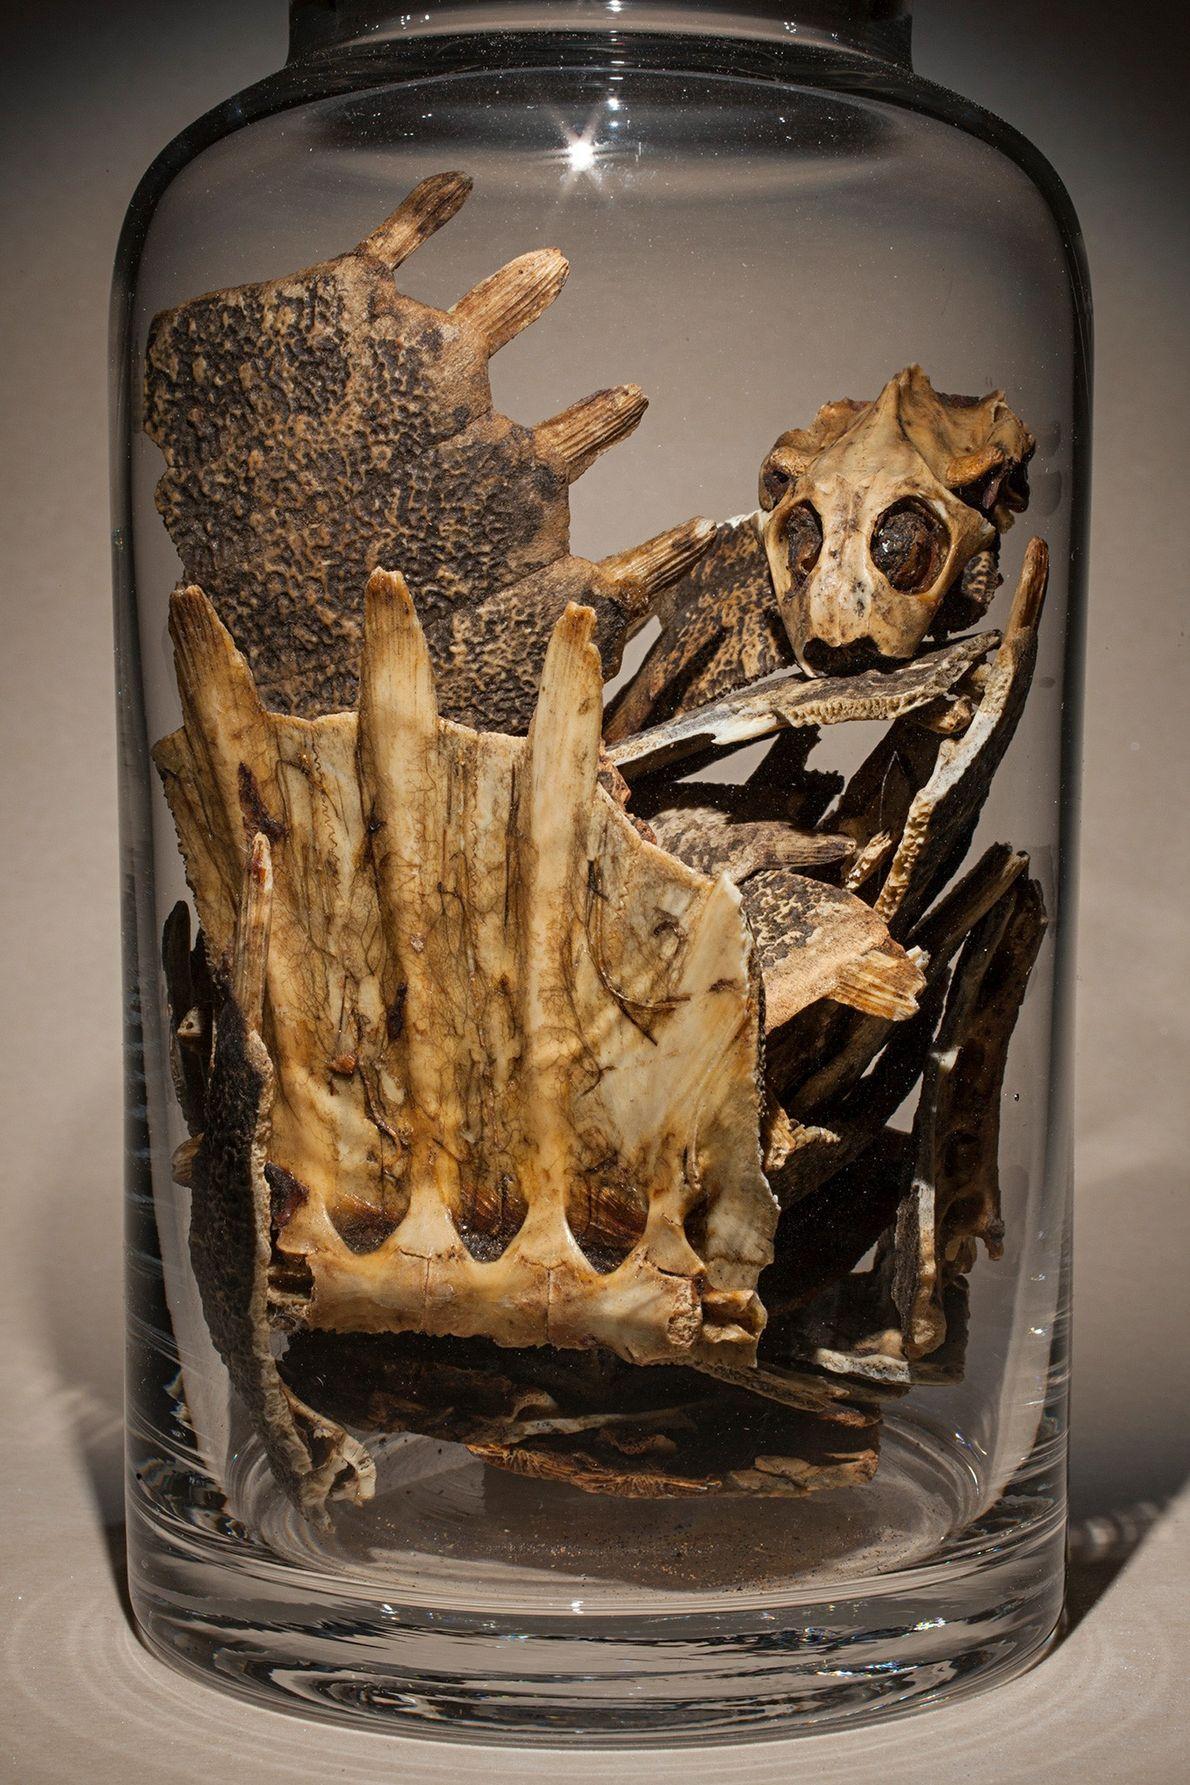 Chinesische Weichschildkröten werden häufig als Nahrungsmittel gezüchtet. Ihre Panzer, die dabei als Abfall anfallen, werden in ...